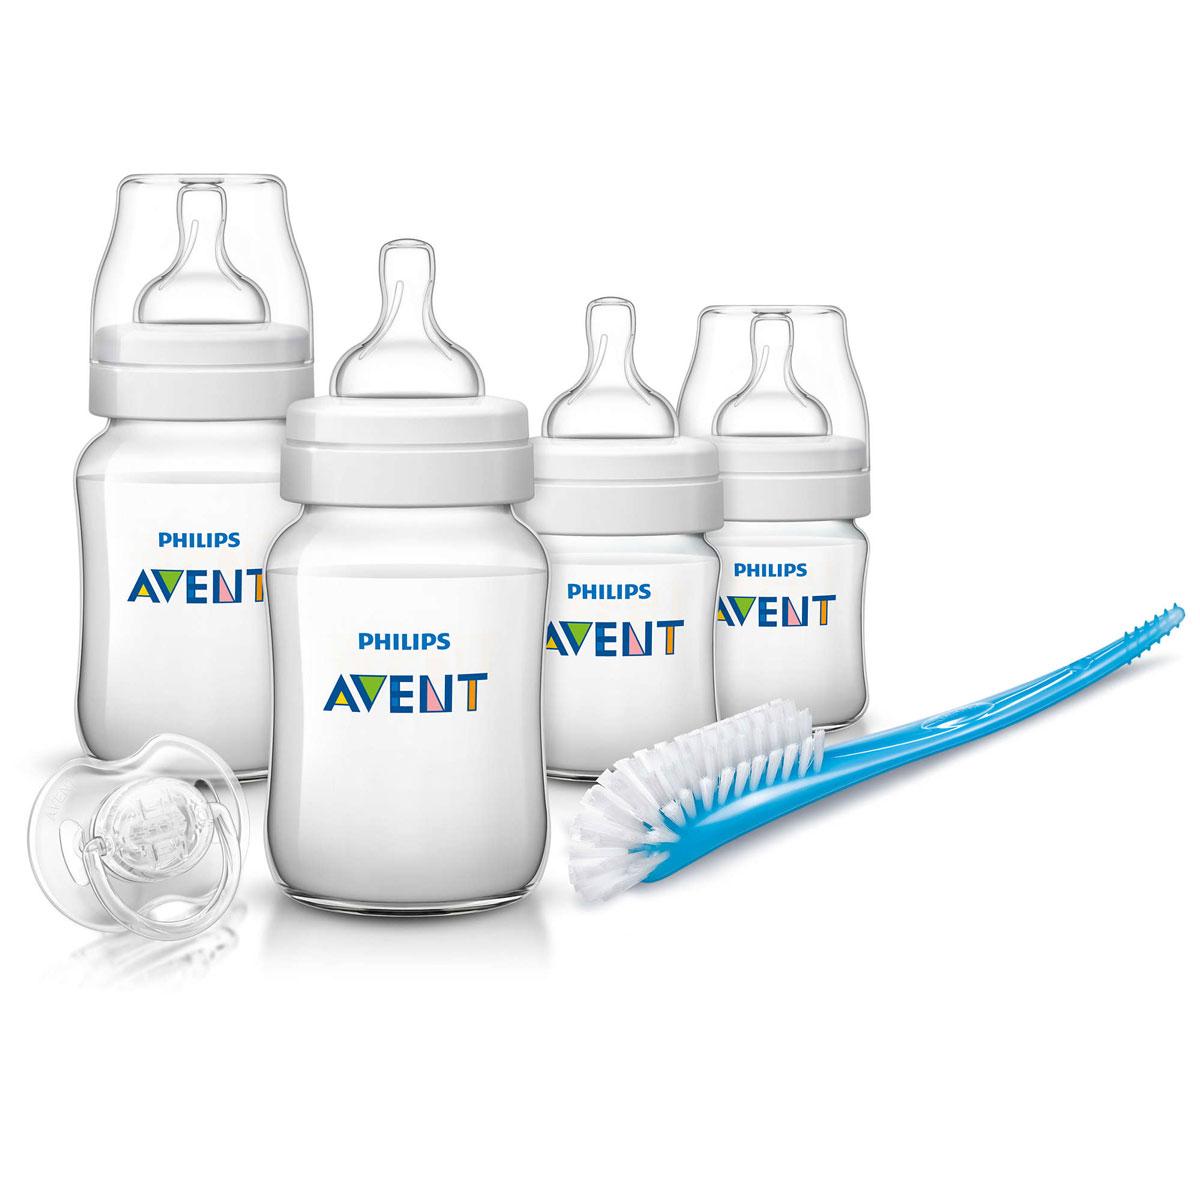 Philips Avent Набор для кормления Classic от 0 месяцев 6 предметов794004уткиВ набор для кормления Philips Avent входят 6 предметов - ершик для бутылочек и сосок, пустышка, 4 бутылочки для кормления.Все компоненты выполнены из качественного и безопасного материала, не содержат бисфенол А. Бутылочки имеют широкое горлышко, эргономичный дизайн и антиколиковую систему, эффективность которой клинически доказана.Ершик для бутылочек и сосок станет незаменимым атрибутом ухода за детскими бутылочками. Ершик имеет особую изогнутую форму и литую ручку, поэтому с ее помощью можно чистить бутылочки и соски любых типов, а также другие принадлежности для кормления.Силиконовая пустышка сгибается в соответствии с ритмом кормления.